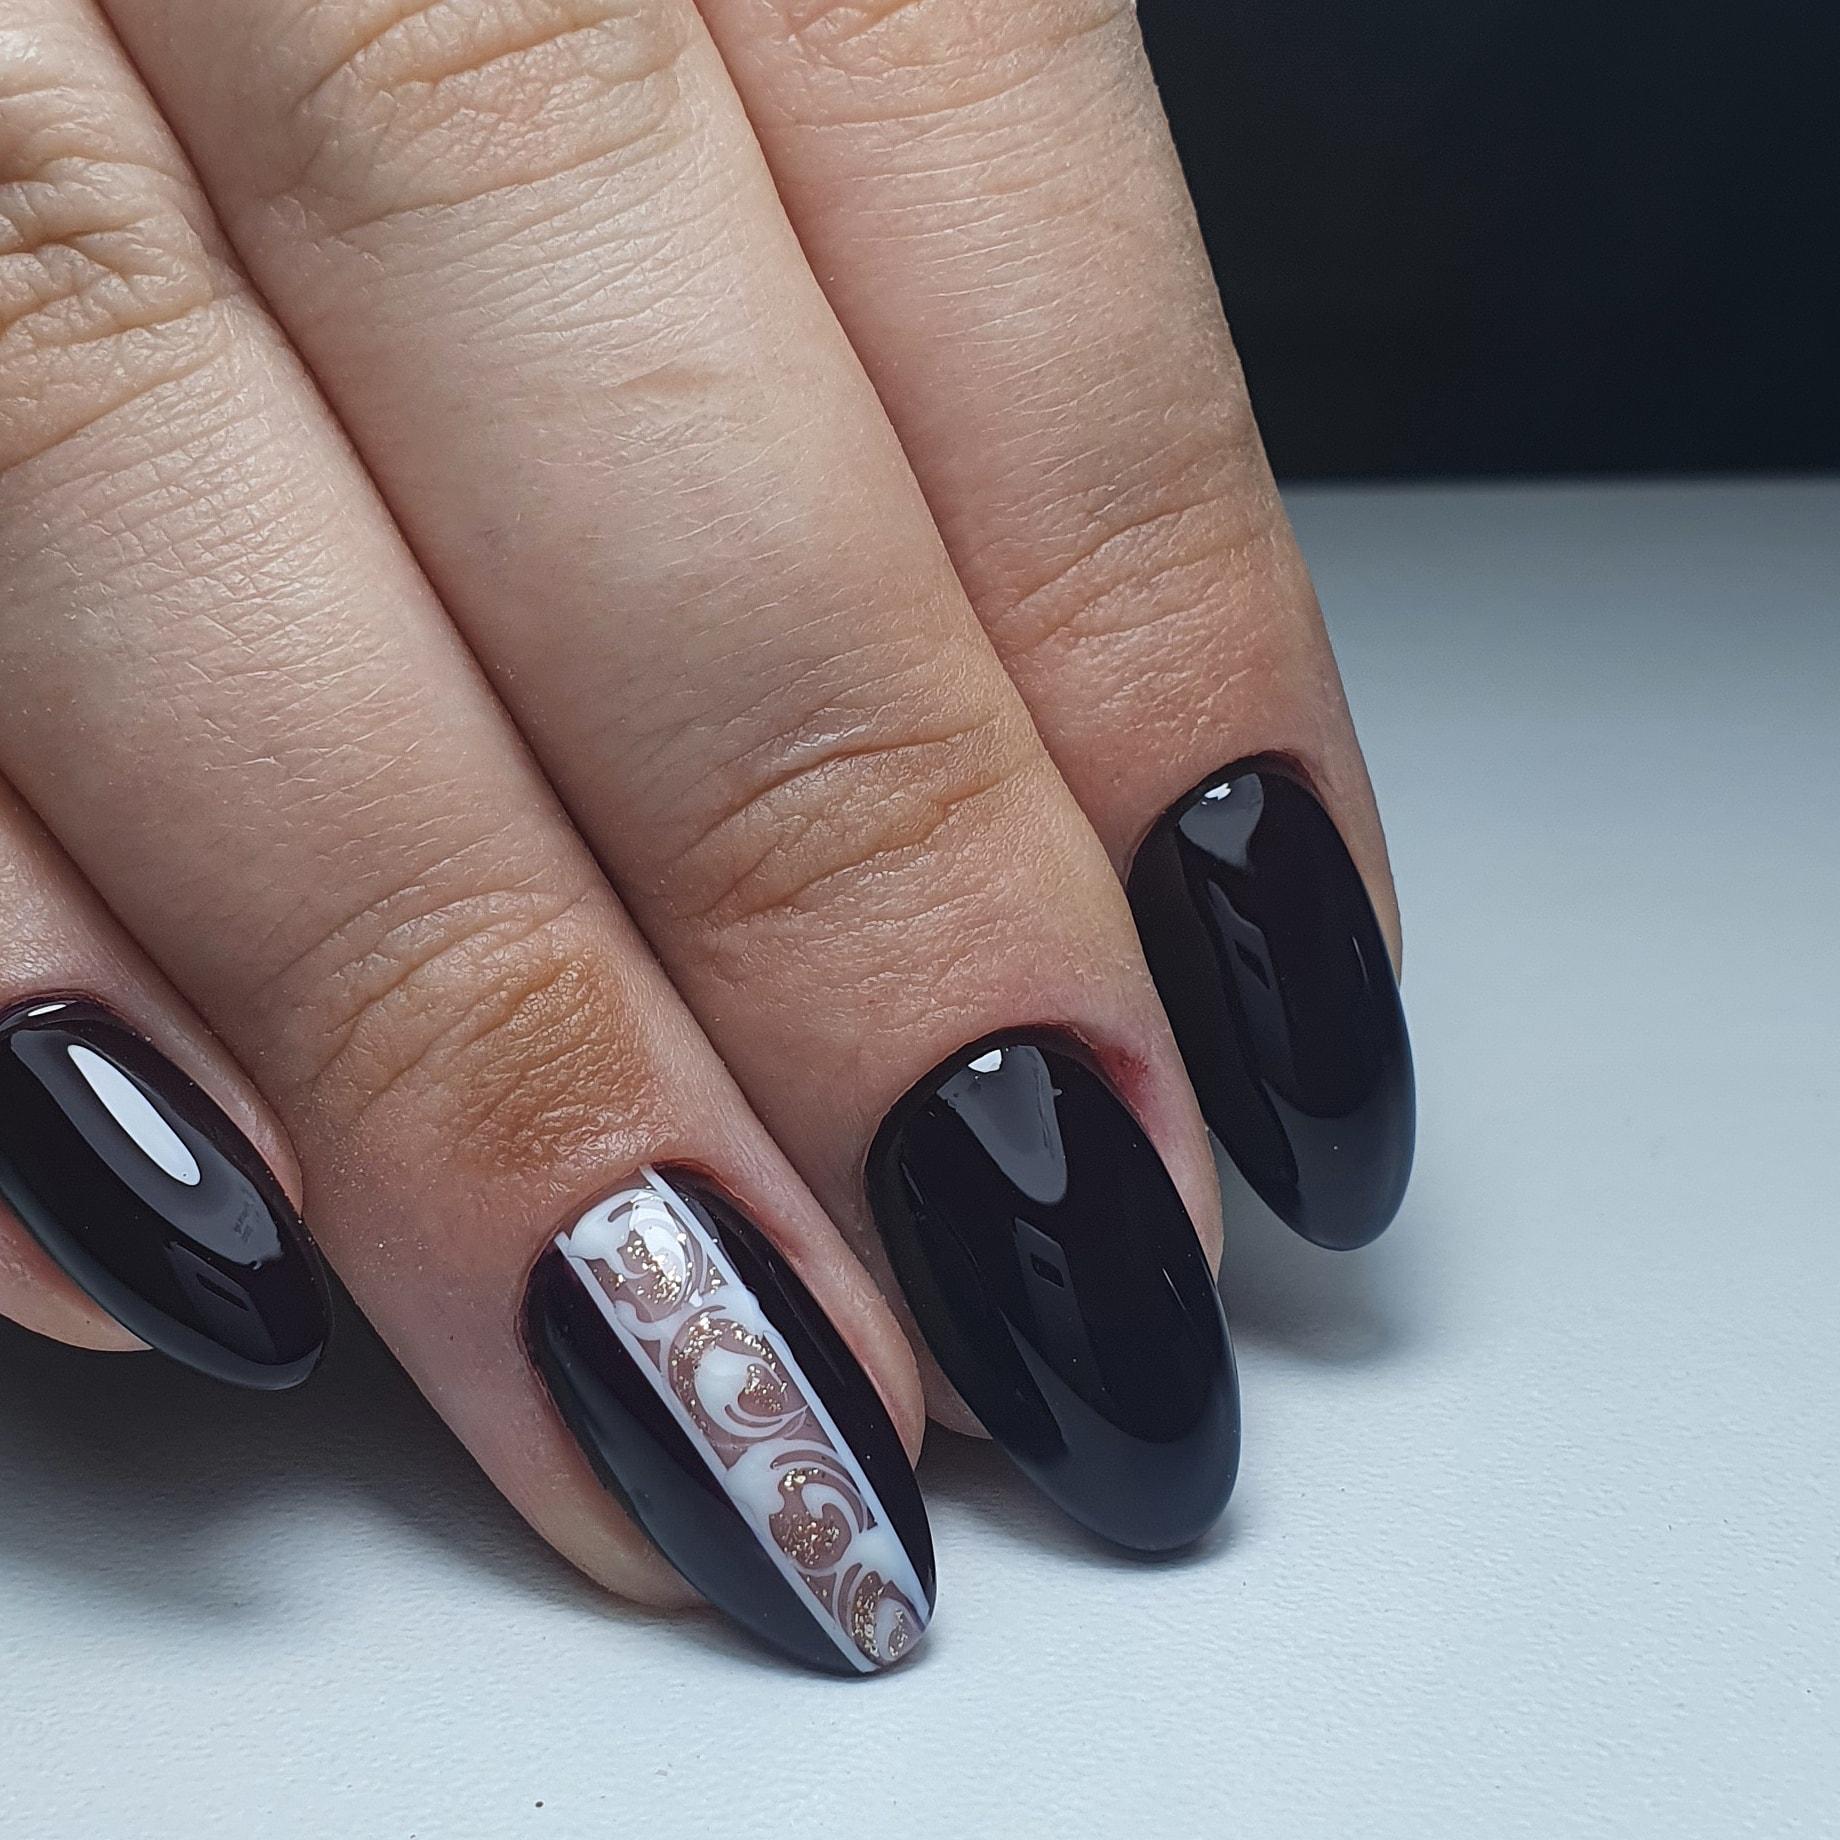 Маникюр с кружевным дизайном и блестками в черном цвете на короткие ногти.